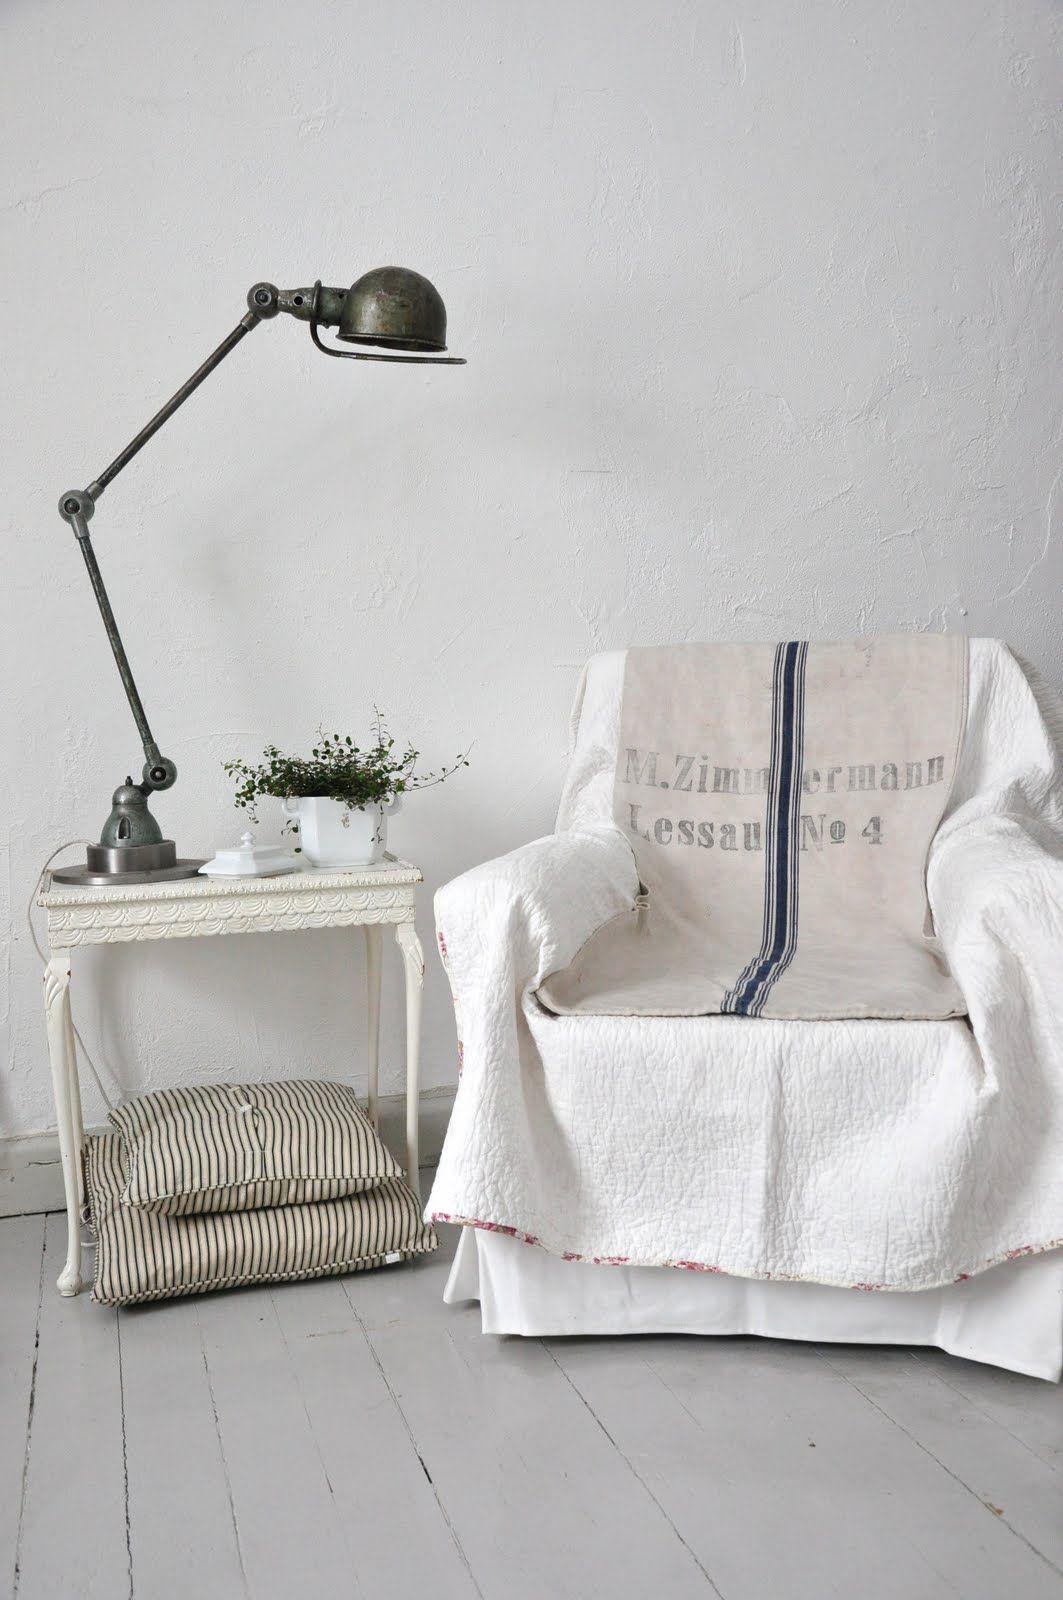 brocante d co industrielle brocante meuble de m tier meuble d 39 atelier lampe jielde lampe d. Black Bedroom Furniture Sets. Home Design Ideas